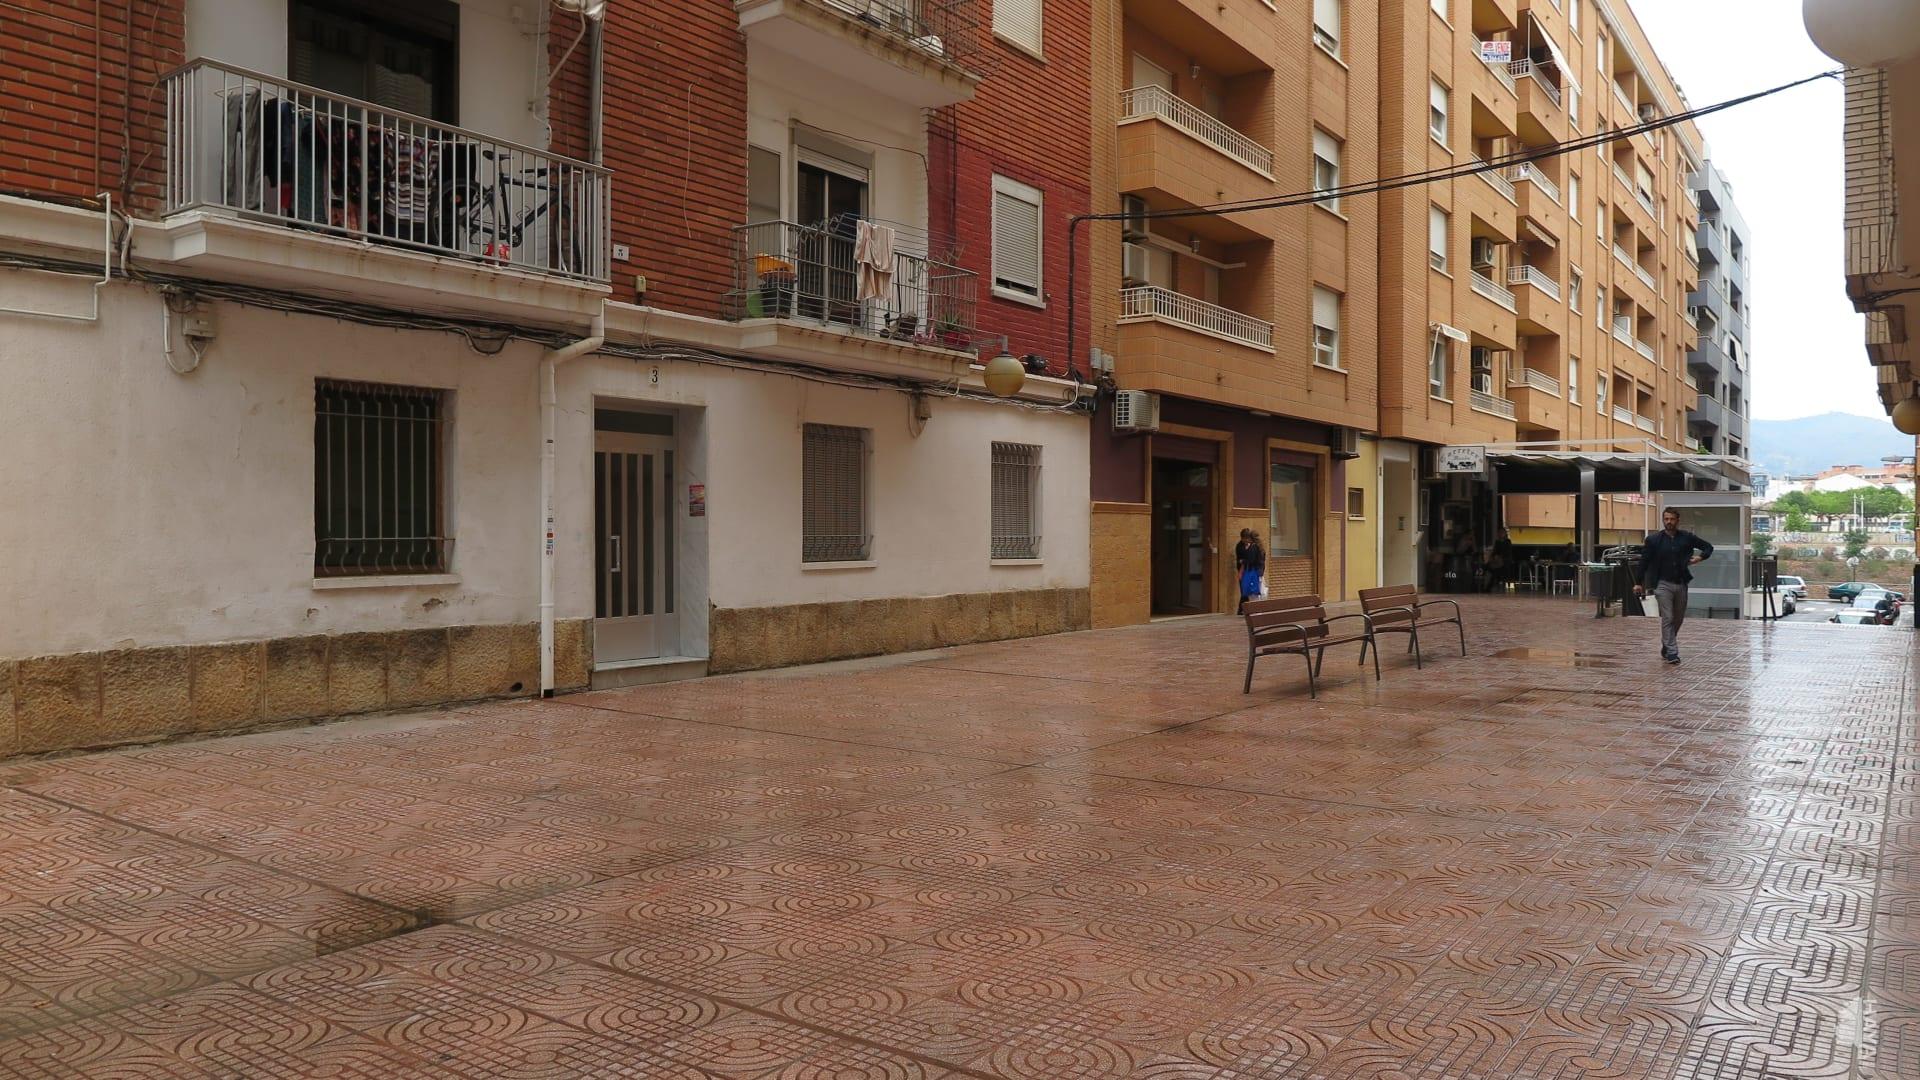 Piso en venta en Sagunto/sagunt, Valencia, Calle Albalat, 33.915 €, 3 habitaciones, 1 baño, 66 m2